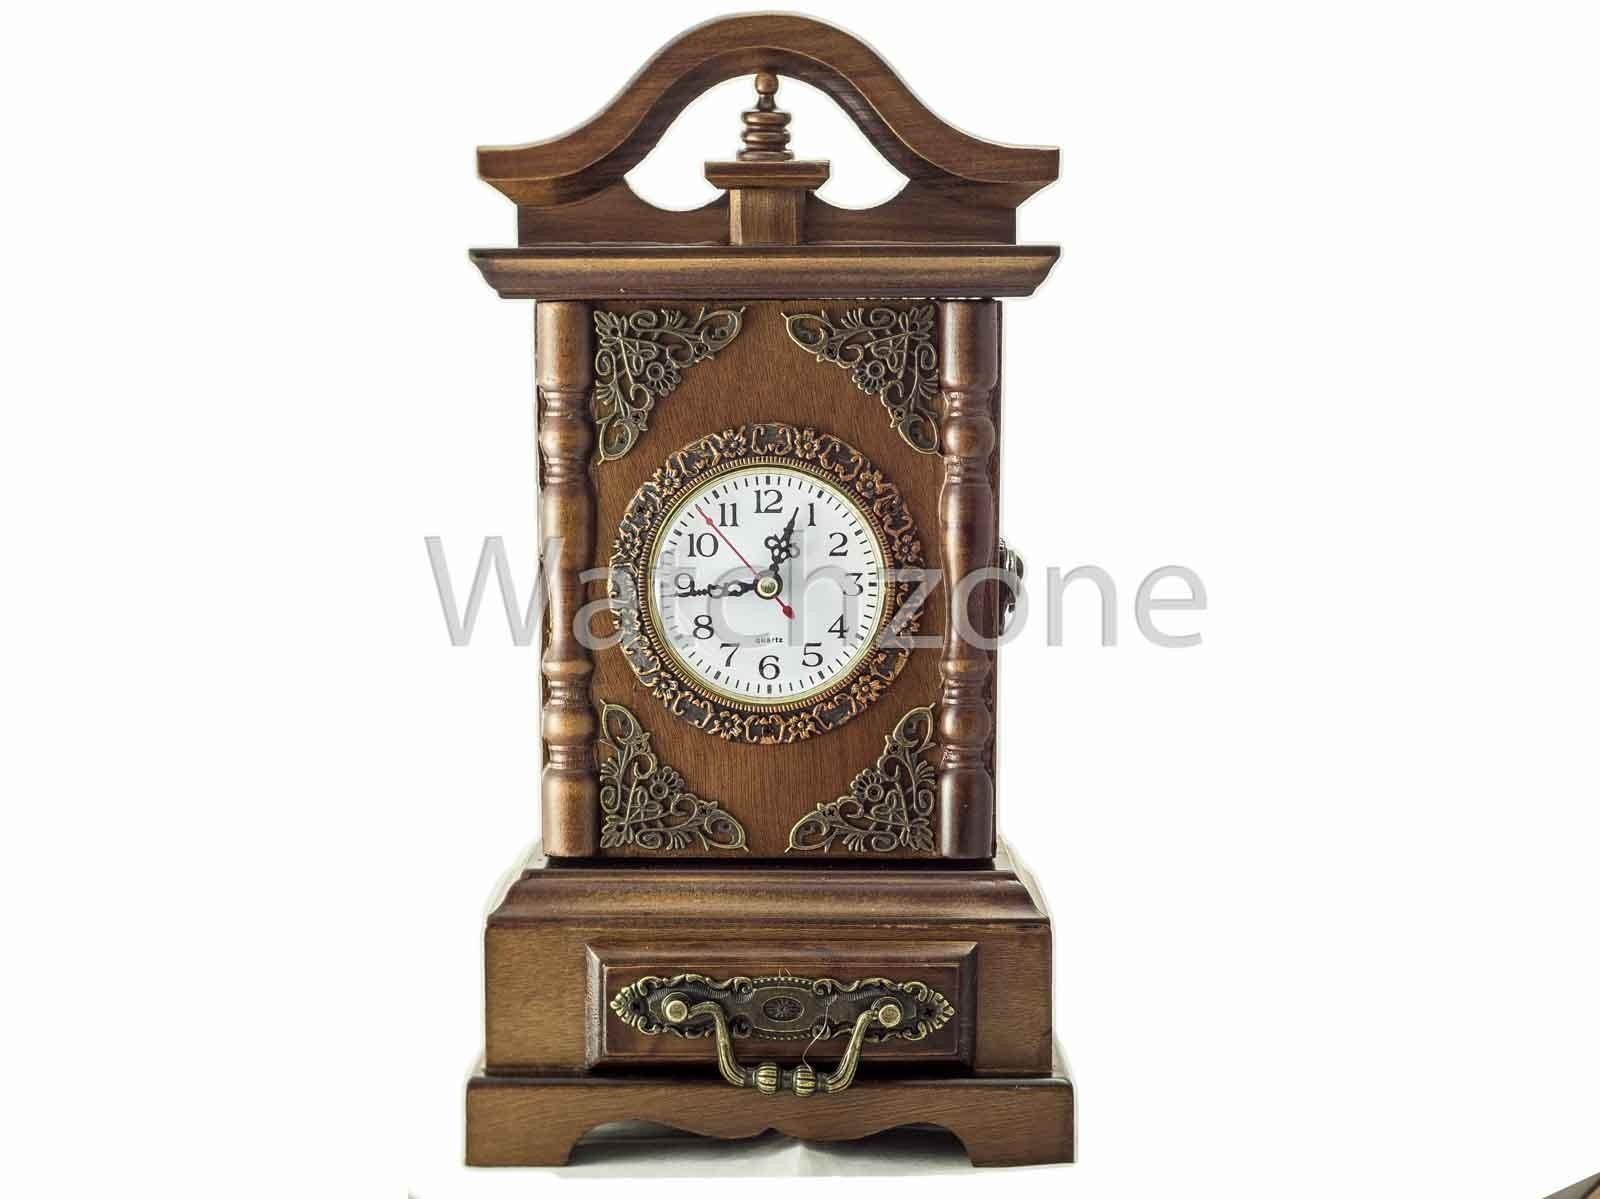 Ceas De Masa din Lemn Vintage Cu Usa Secreta imagine techstar.ro 2021